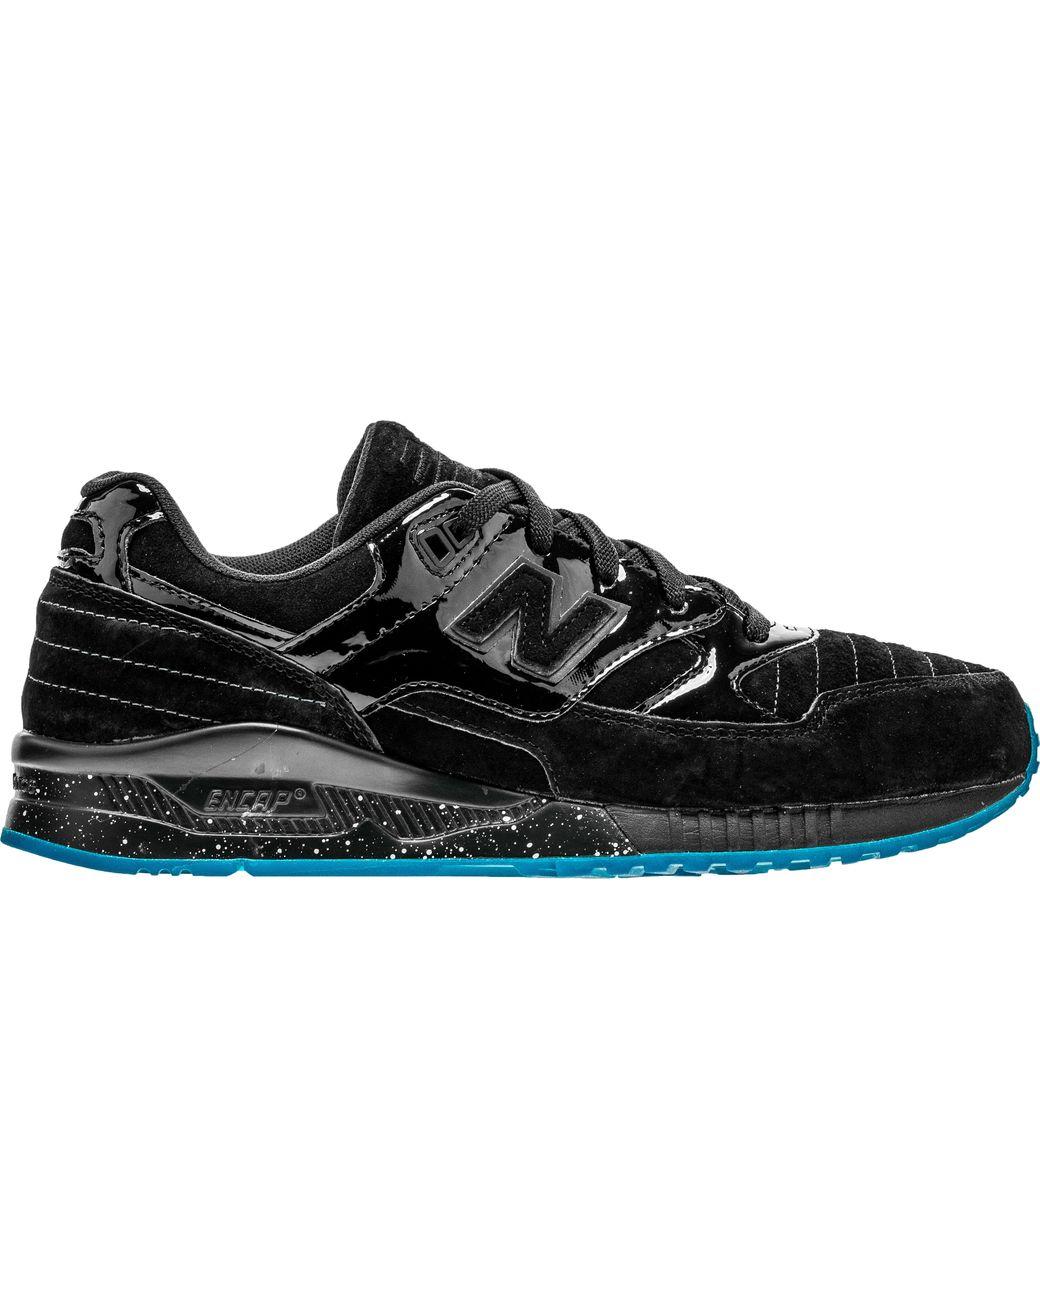 shoe palace x new balance 530